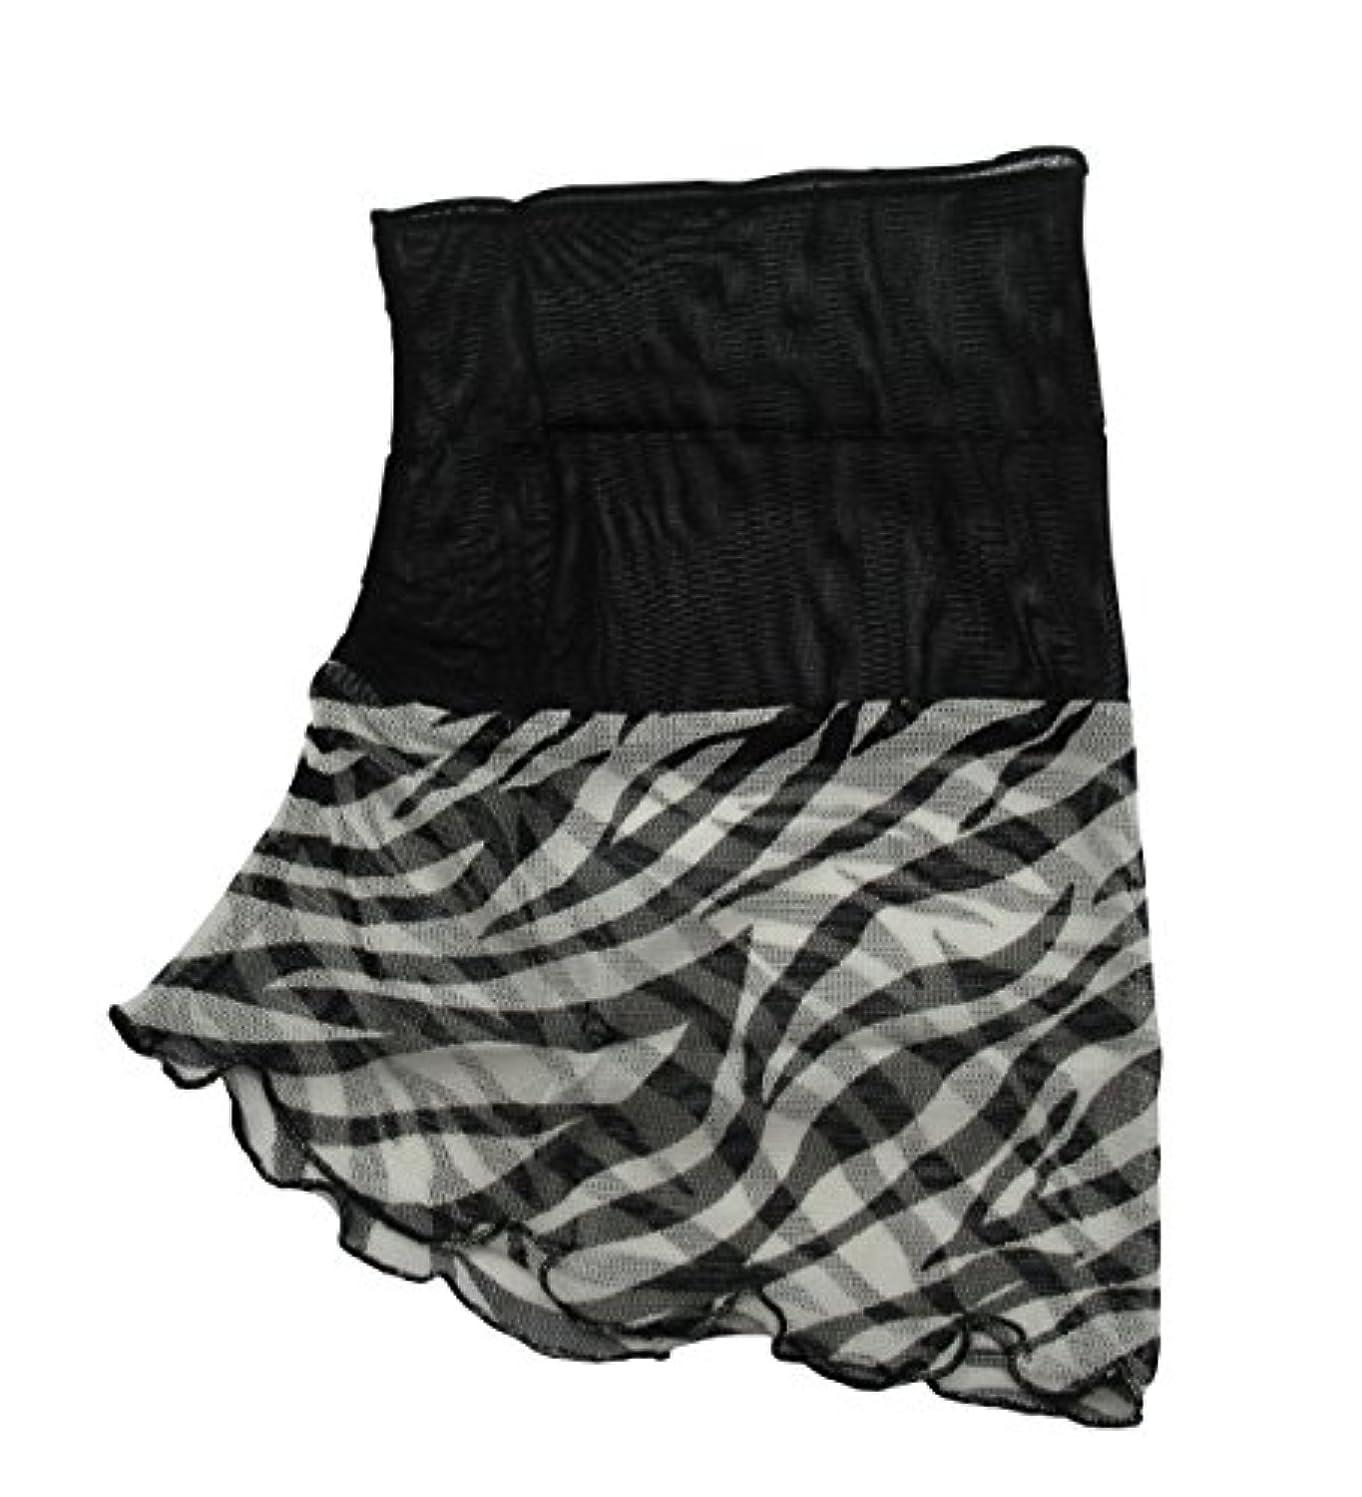 熟読と間違えたコジット ネックロールスカーフ シルク100% 首巻き 襟巻き 日よけ ブラック×ホワイト